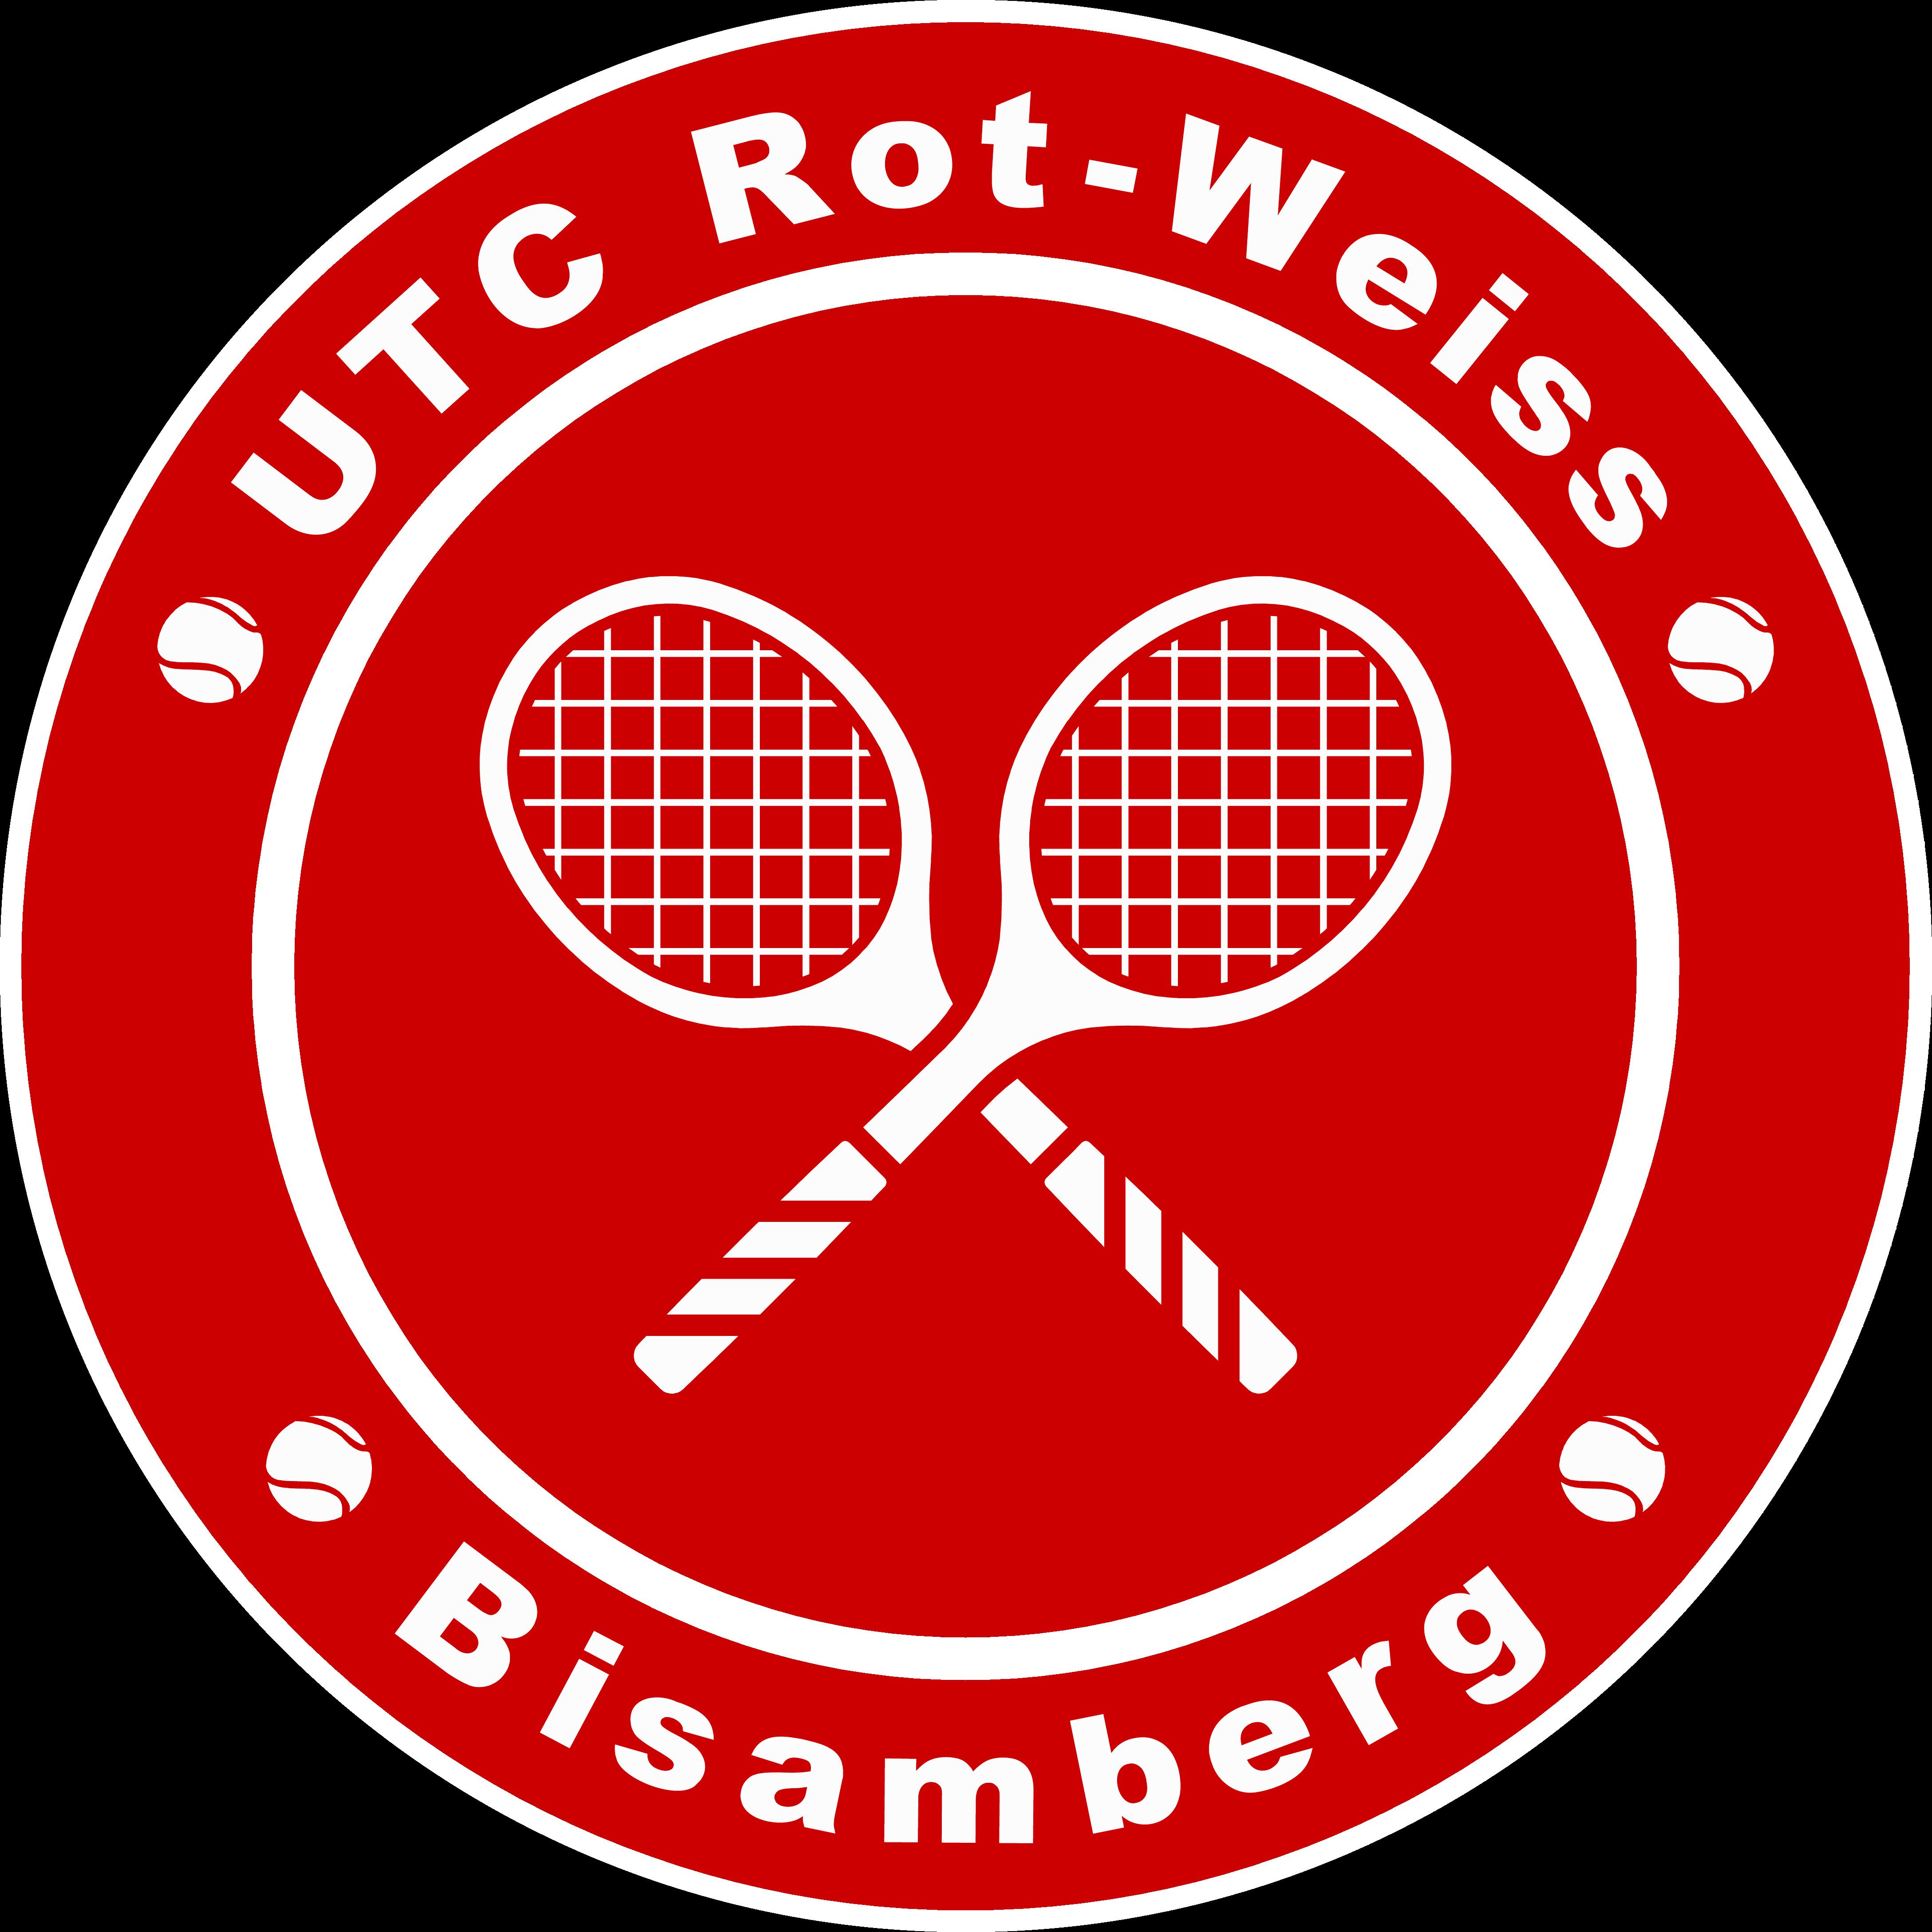 UNION TC ROT-WEISS BISAMBERG